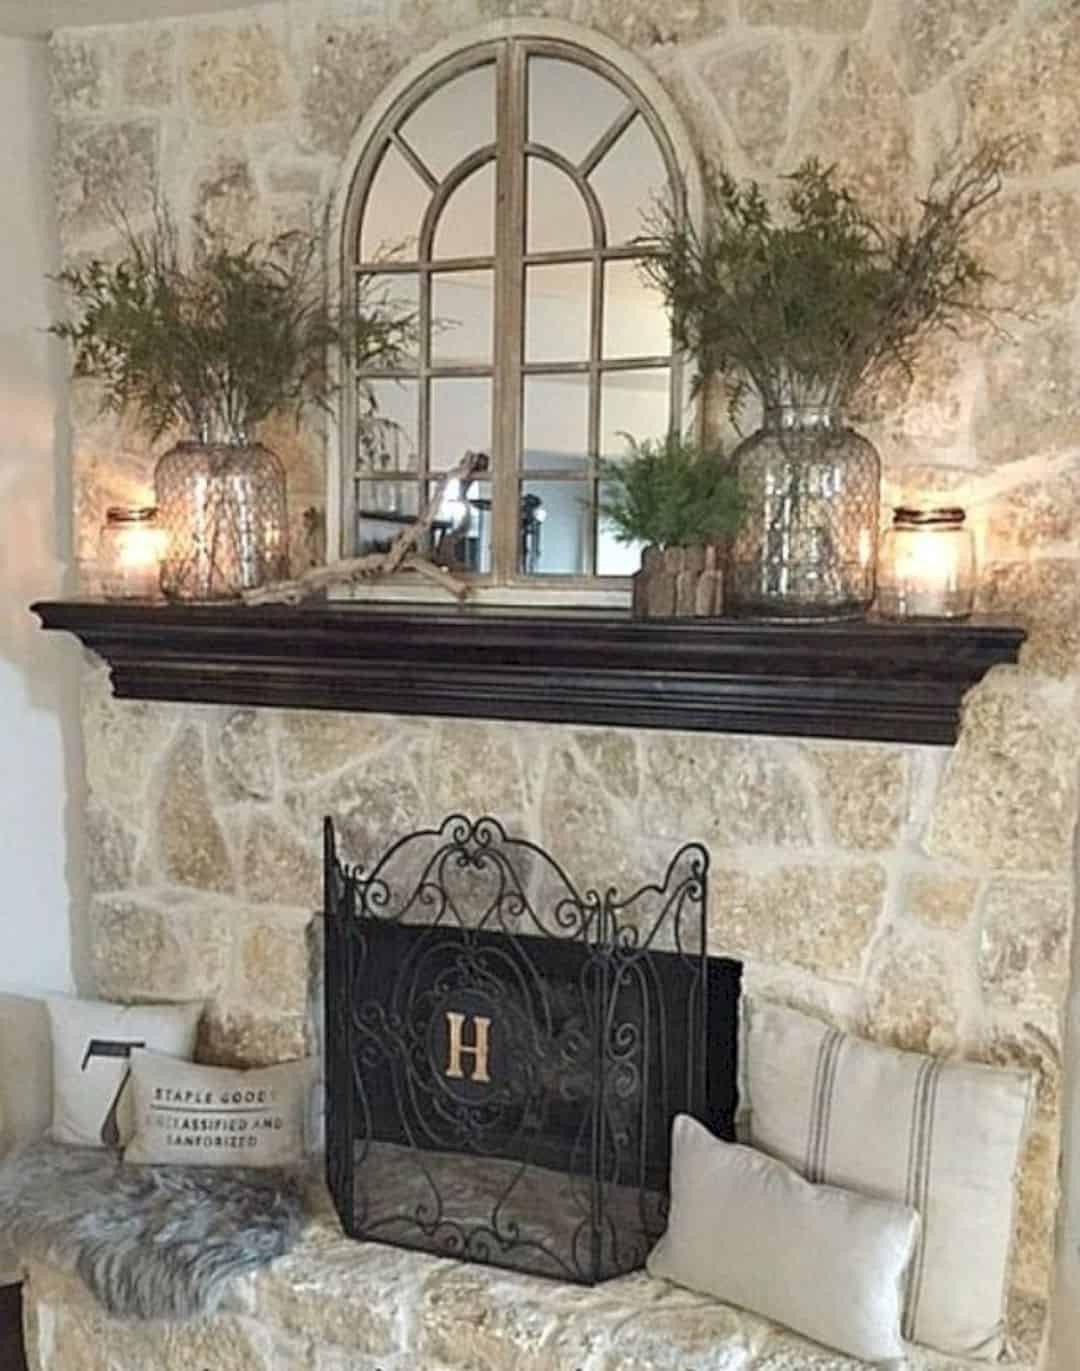 Ideas for Fireplace Mantel Decor Unique 16 Fireplace Mantel Decorating Ideas